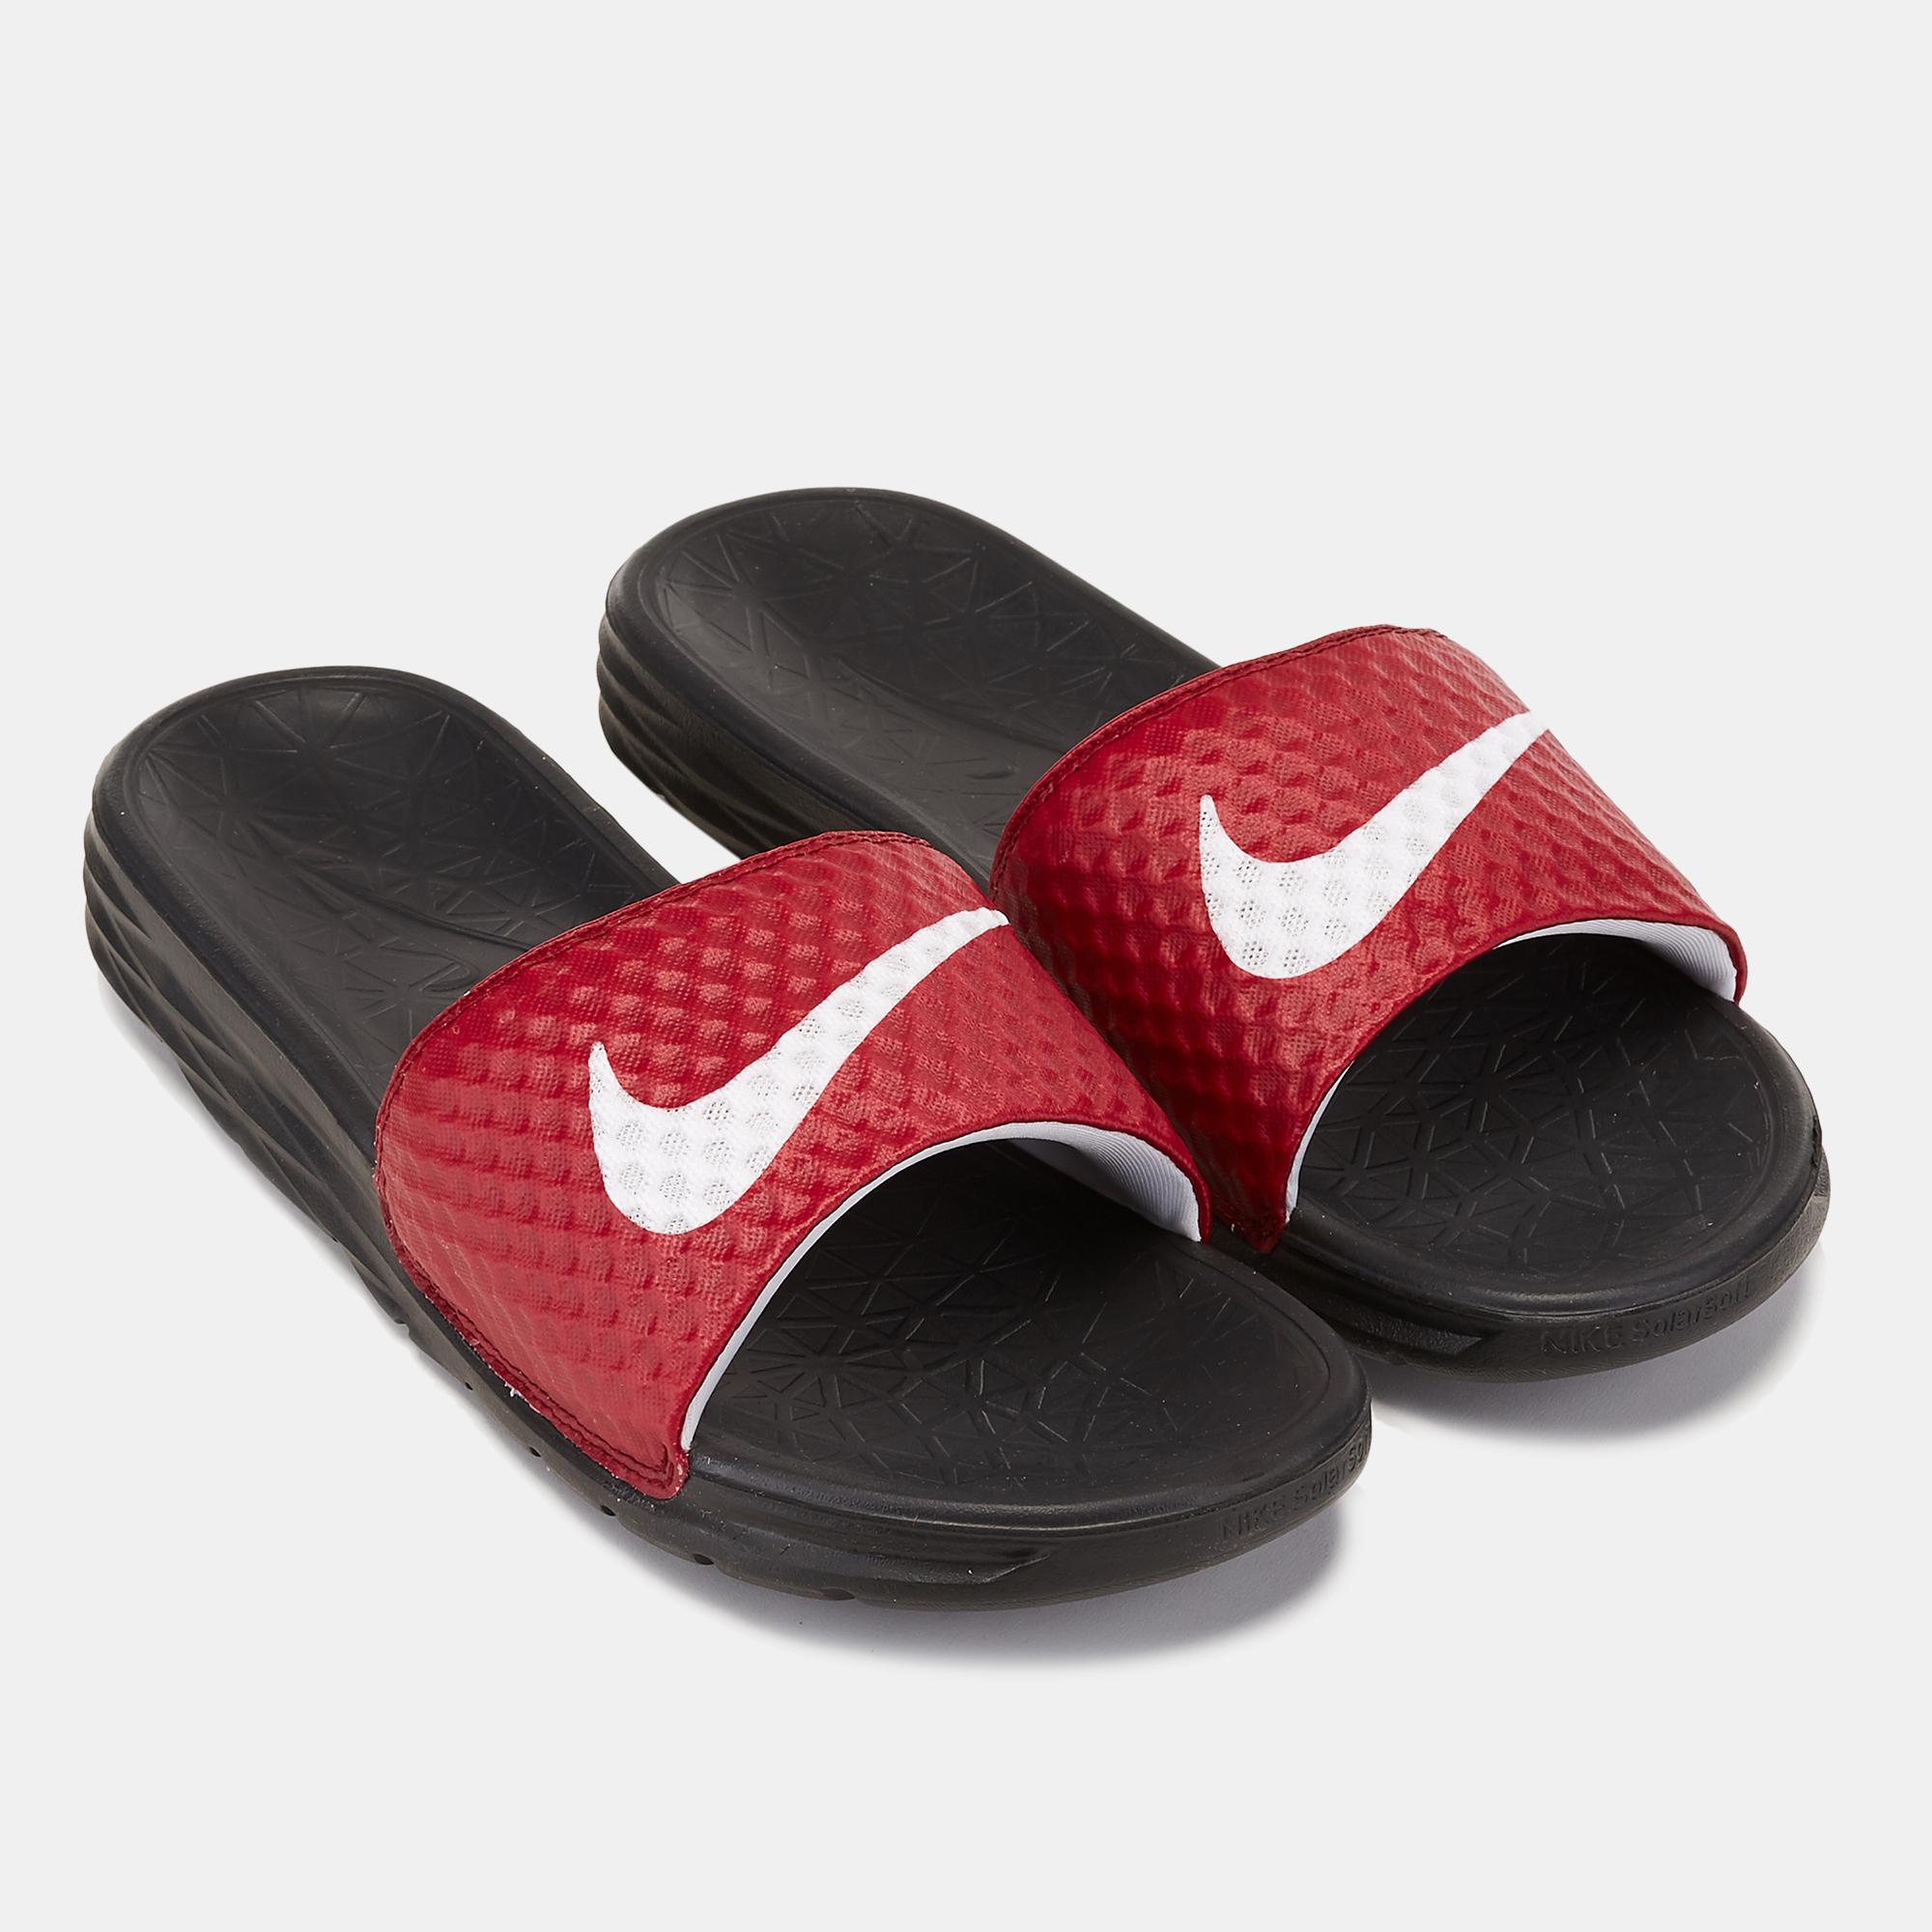 low priced f1a30 f0838 Nike Benassi Solarsoft 2 Slides   Slides   Sandals and Flip-Flops   Shoes    Mens   SSS